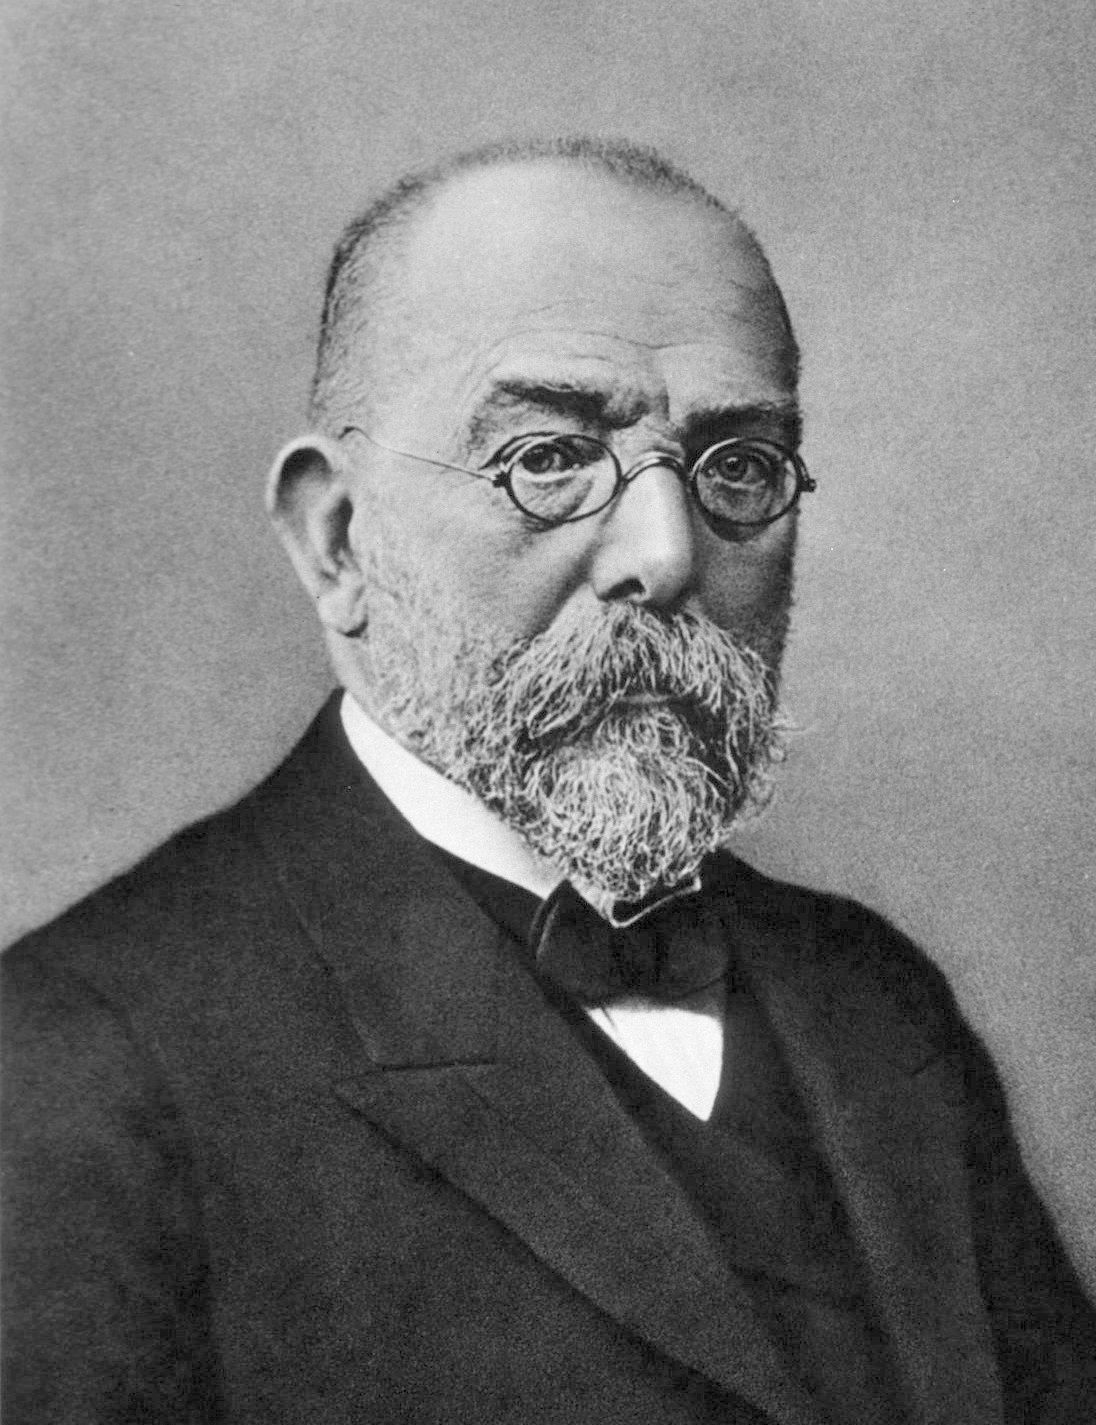 Robert Koch • Autor unbekannt • Public domain